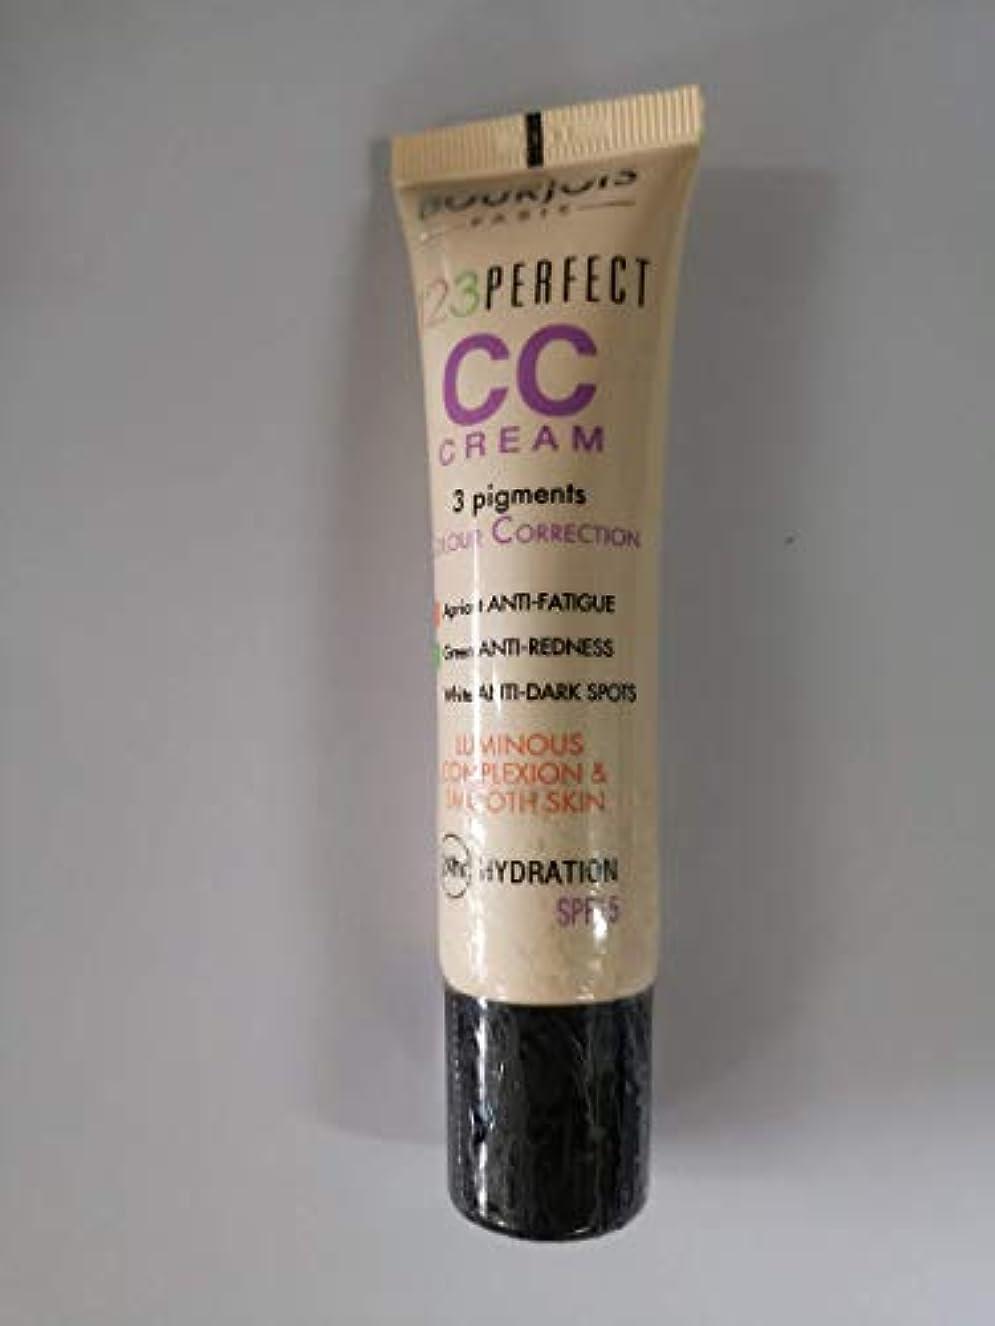 ステープル最近コミュニティBOURJOIS 32クレア1PC CCクリームクリームクリーム表皮効果: - 24時間の水和